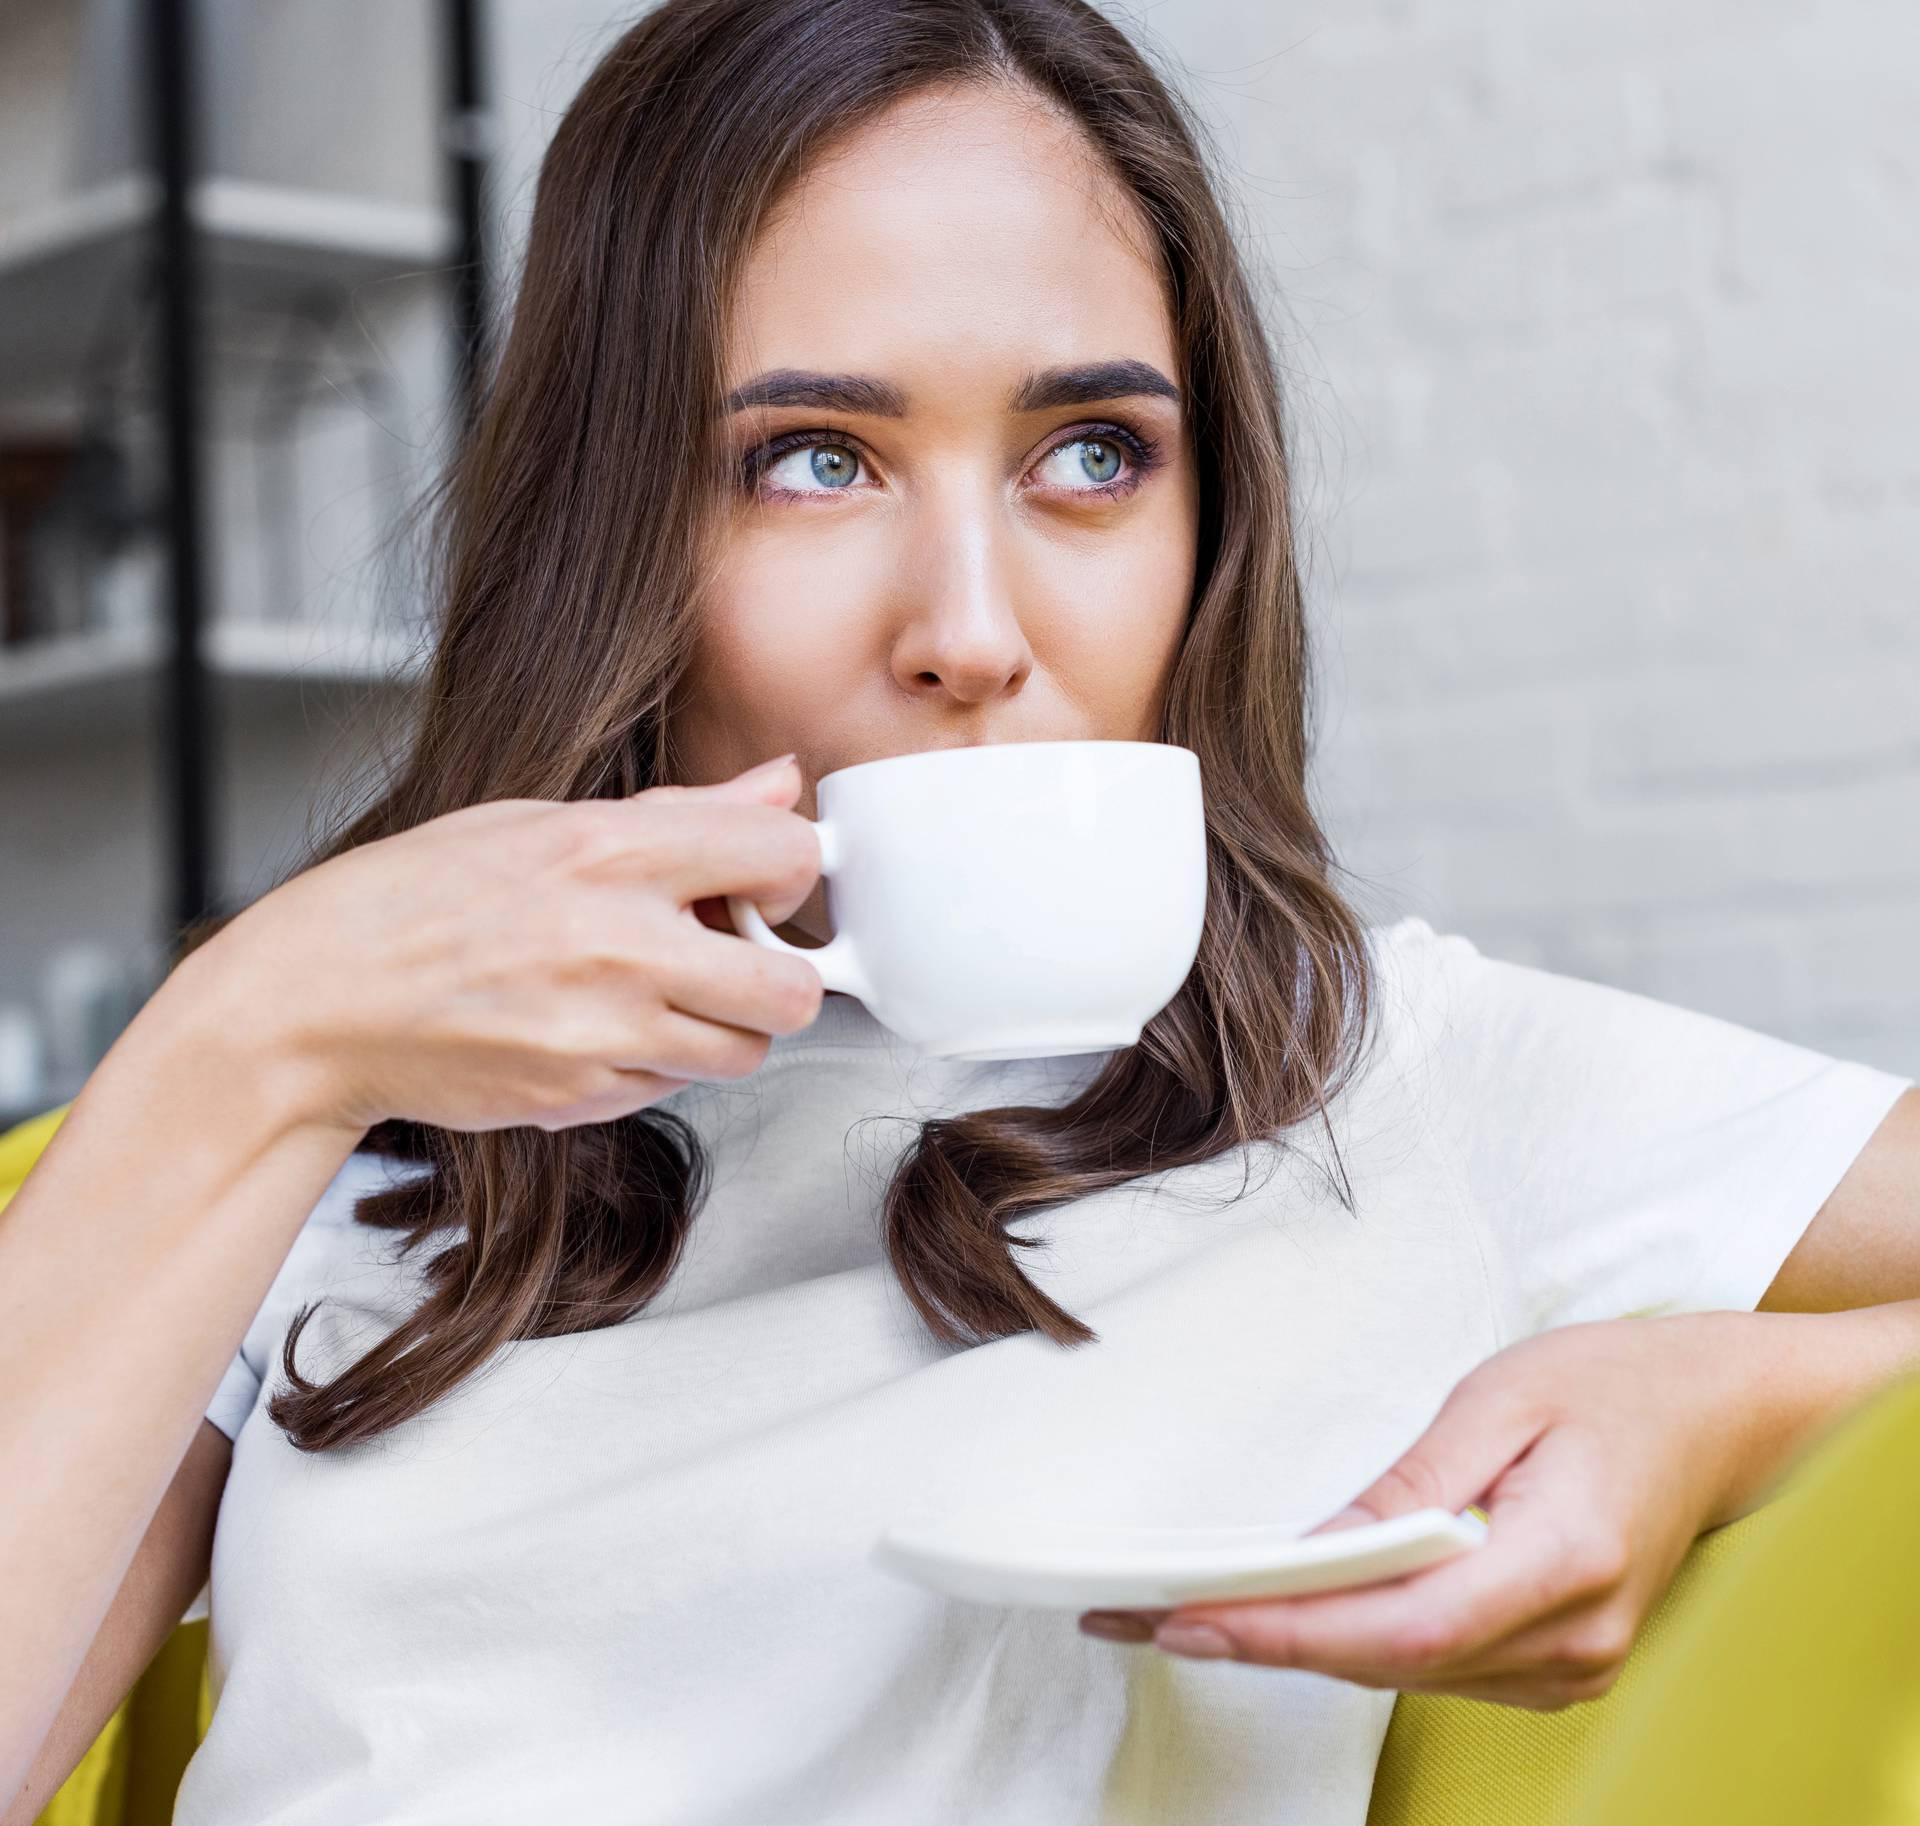 Mnogi smatraju da su potpuno beskorisni ako ne popiju kavu